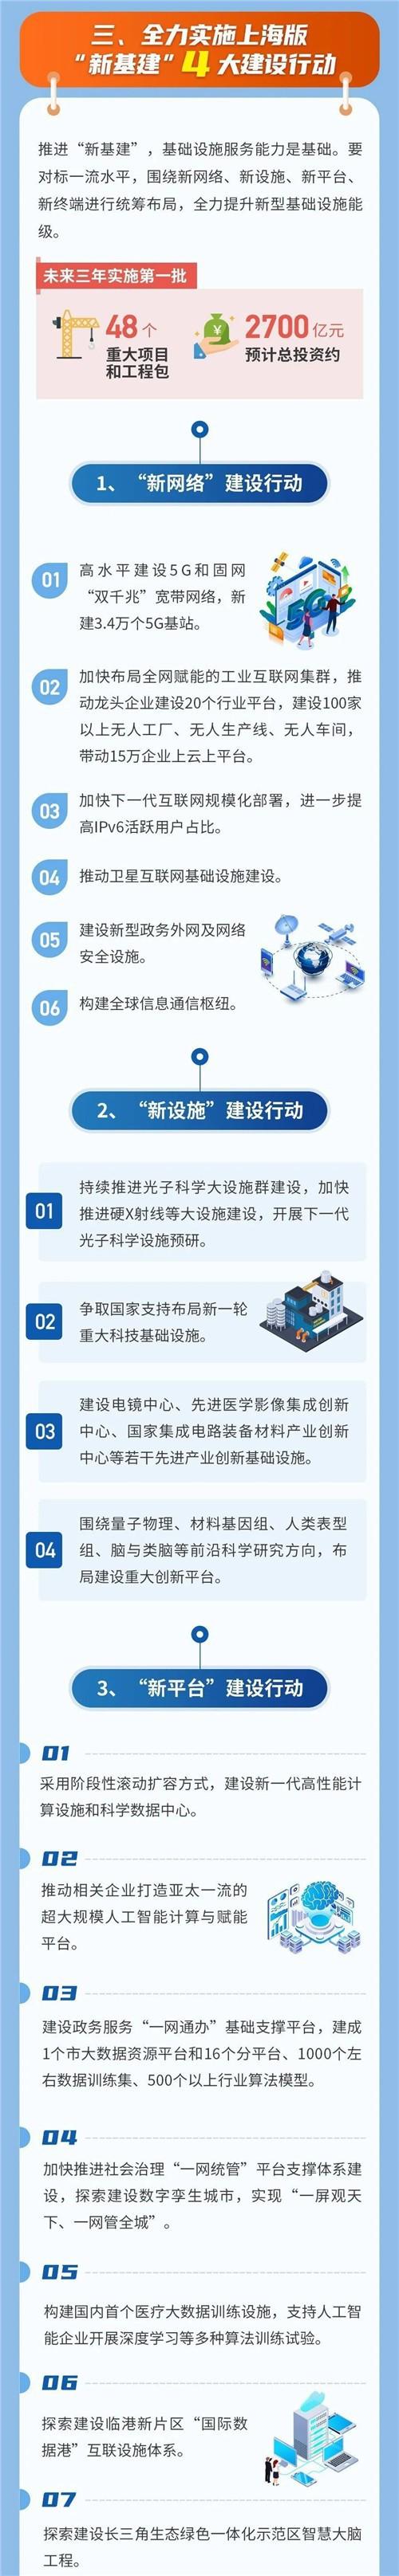 """上海""""新基建""""行动方案出炉2.jpg"""